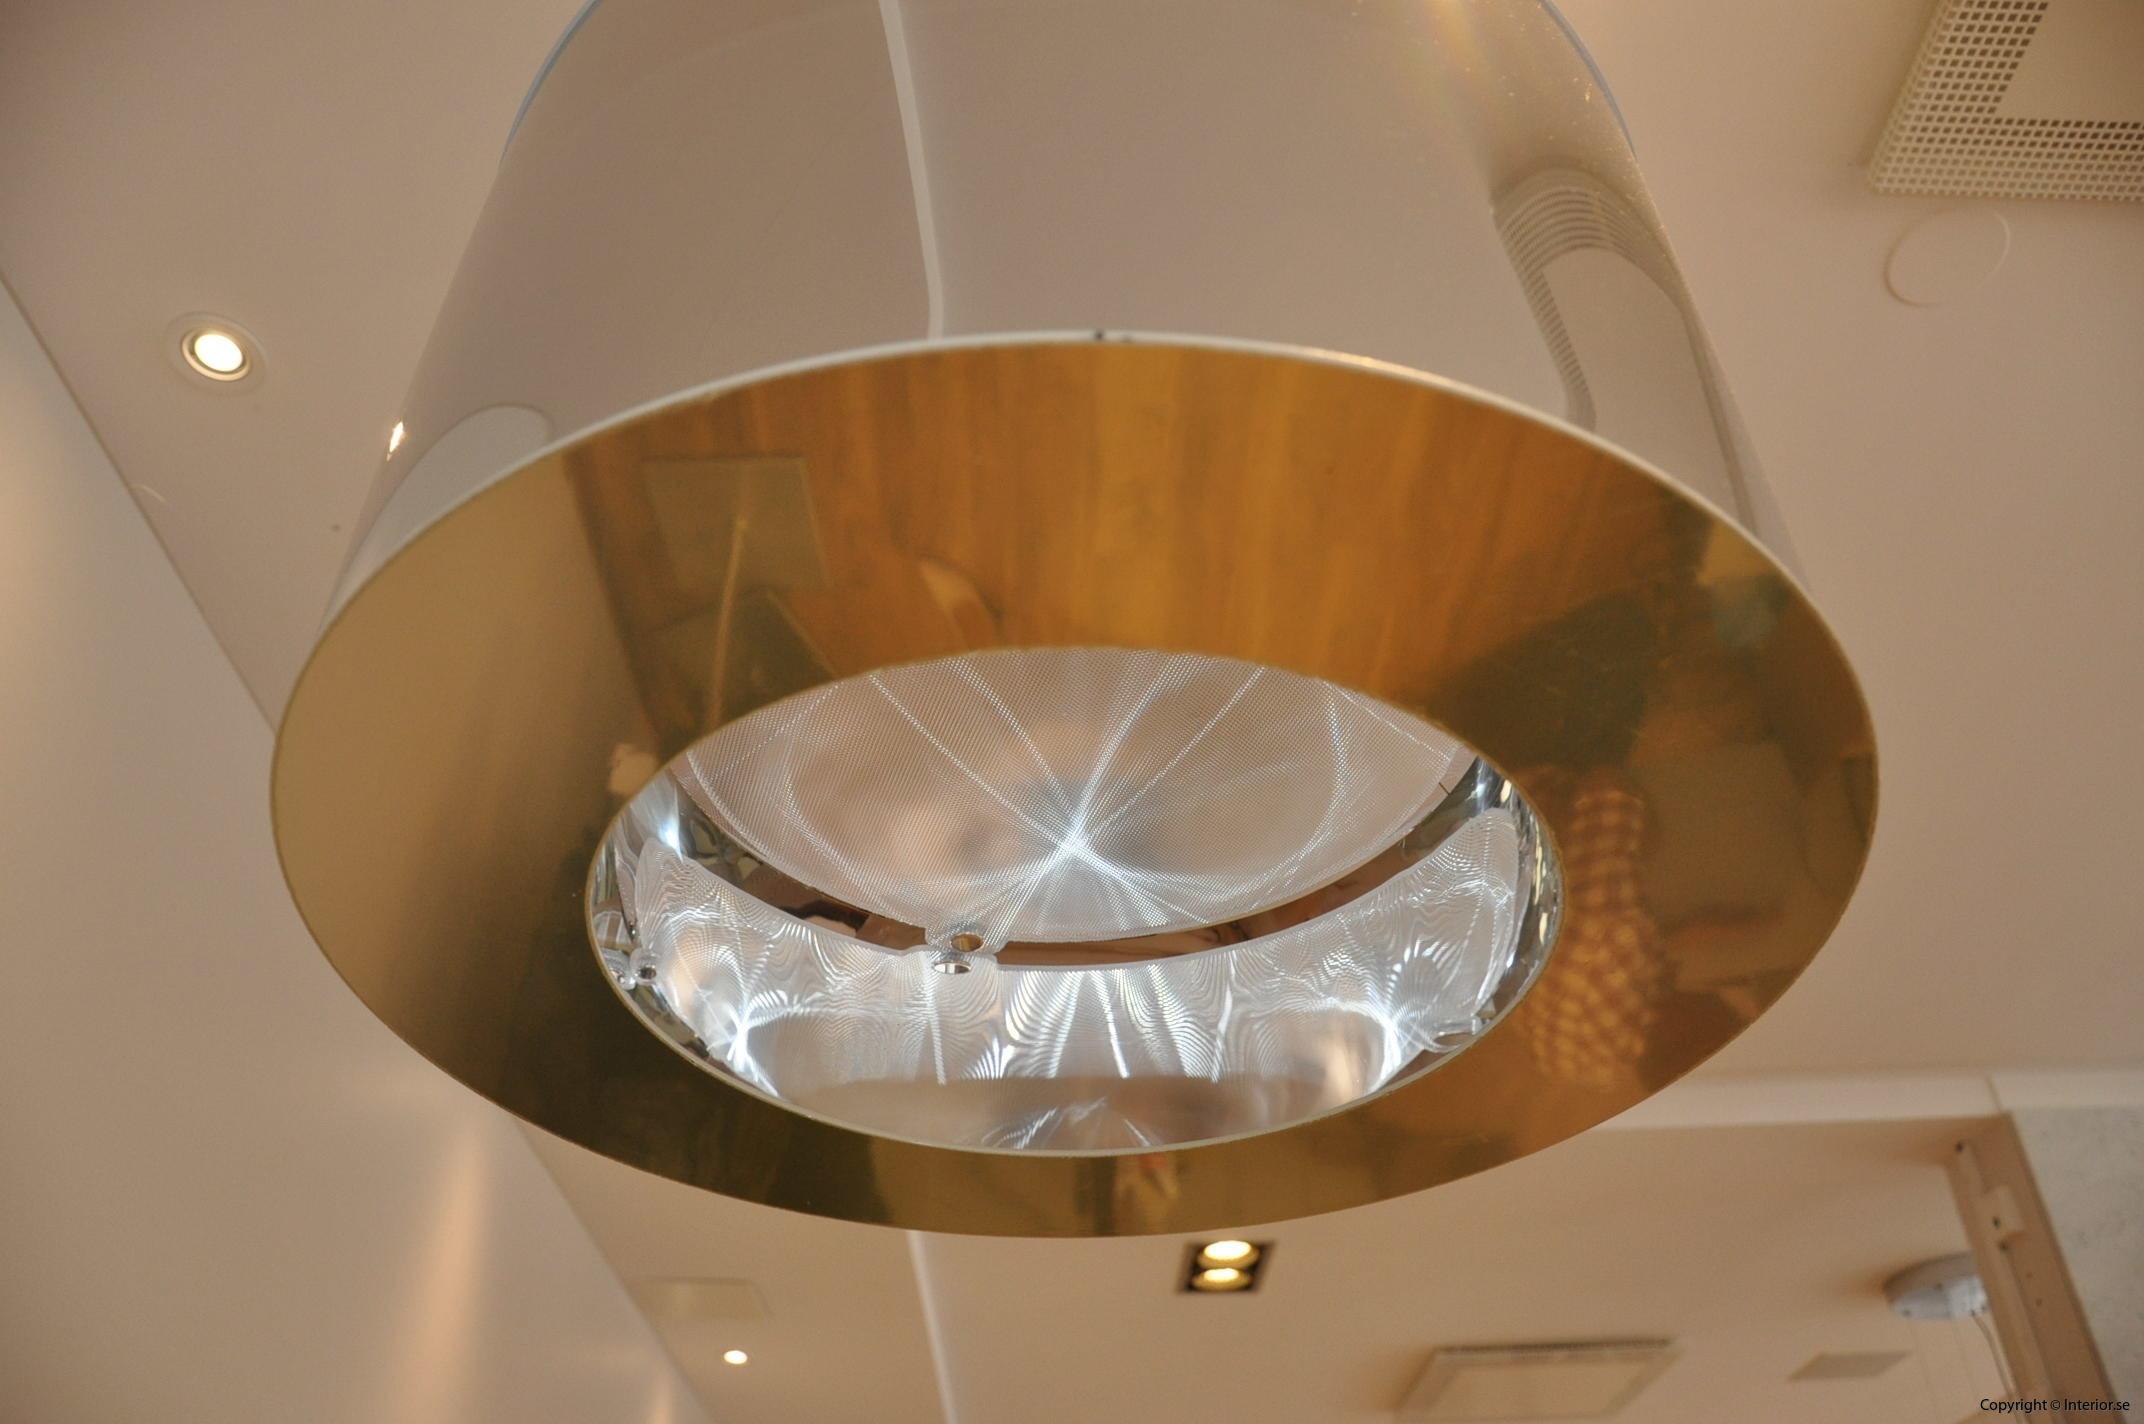 Pendel, Artemide Tian Xia 500 50 cm LED - Carlotta de Bevilacqua (4)